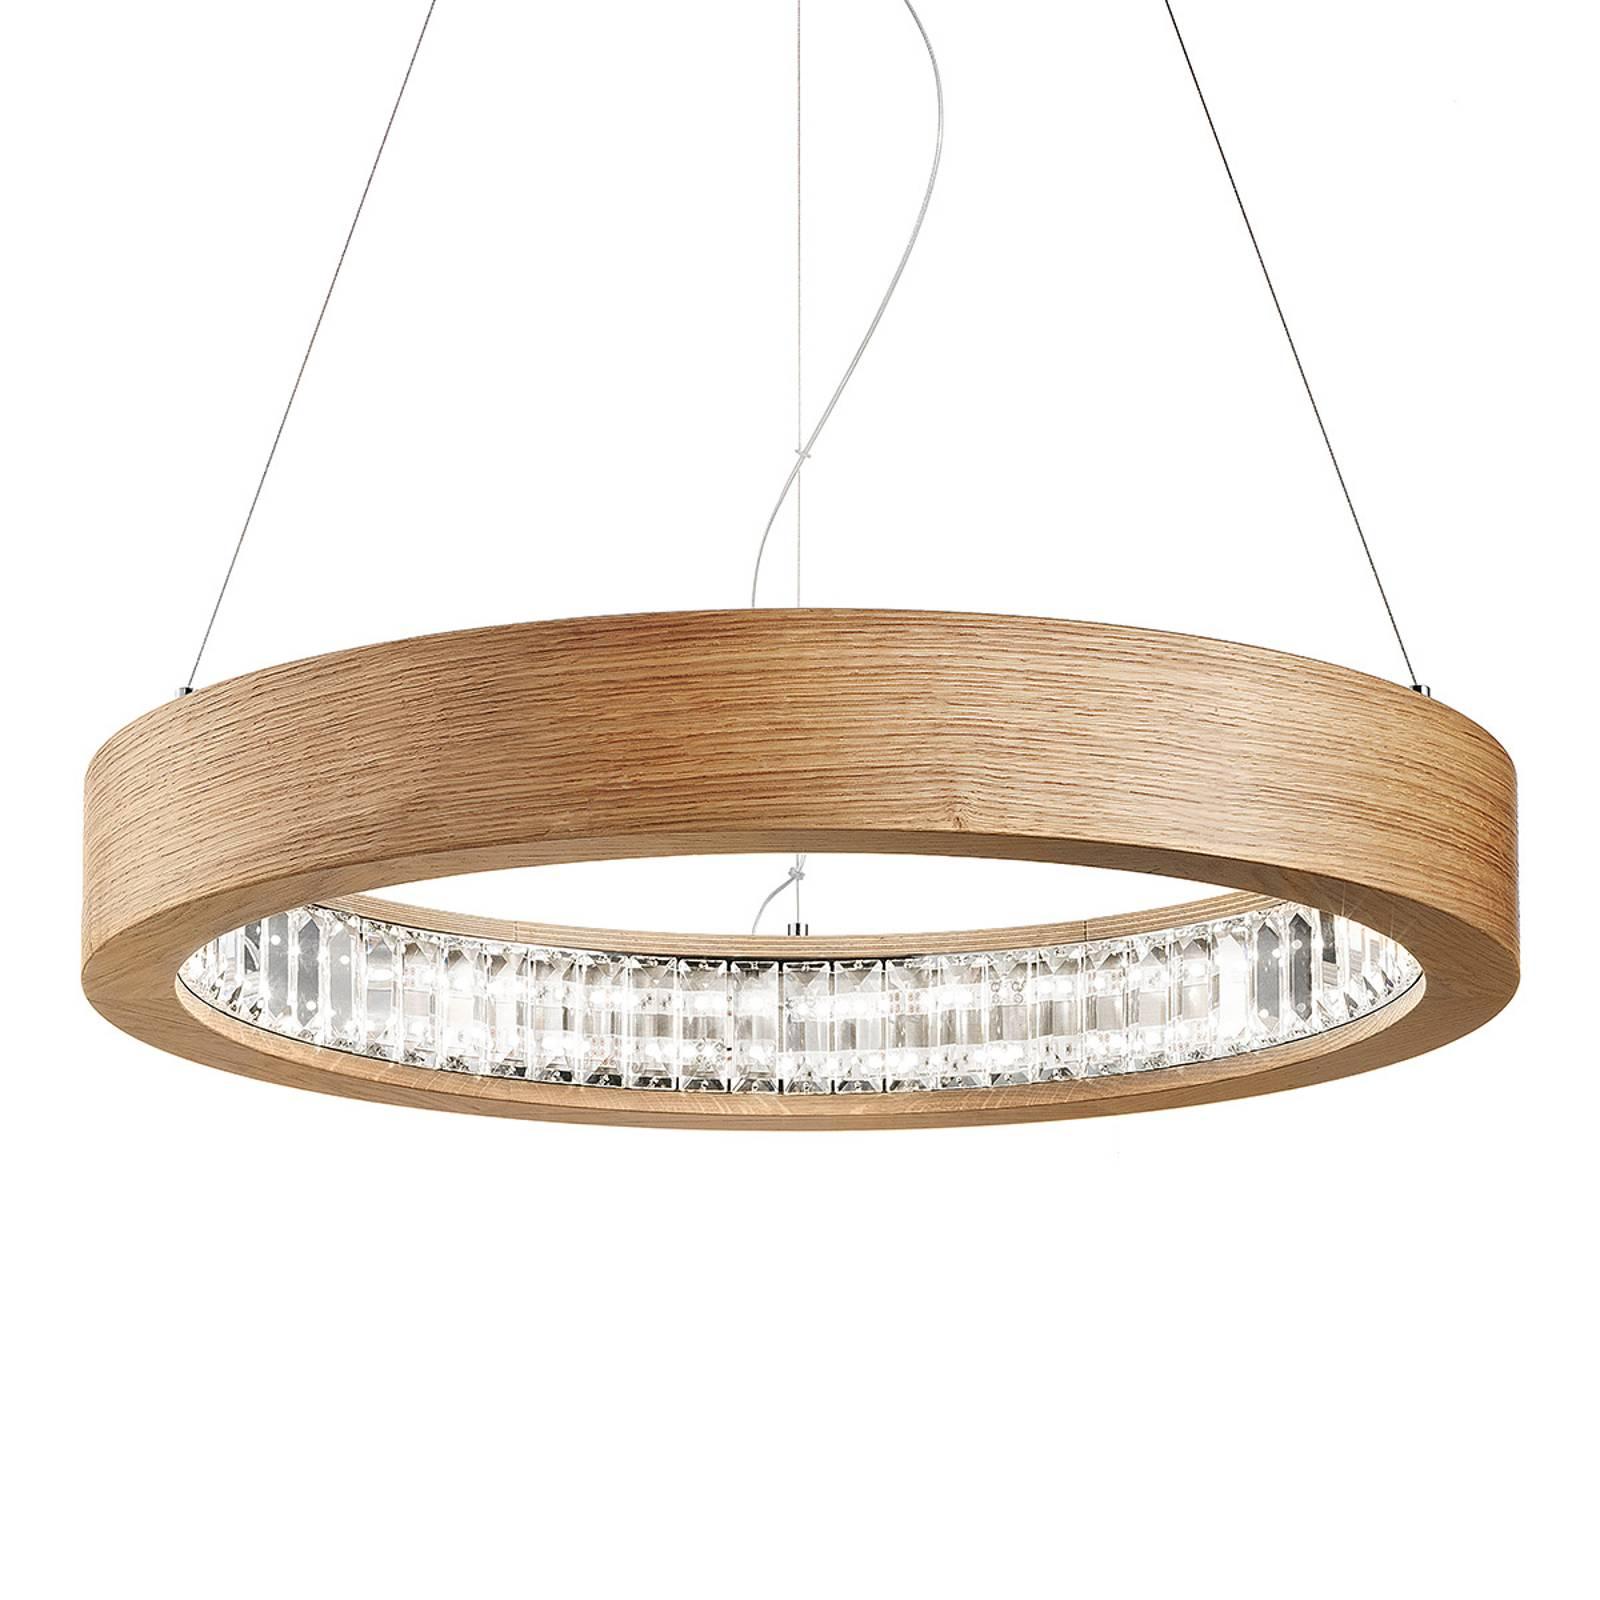 Runde LED-Hängeleuchte Libe Round, 60 cm